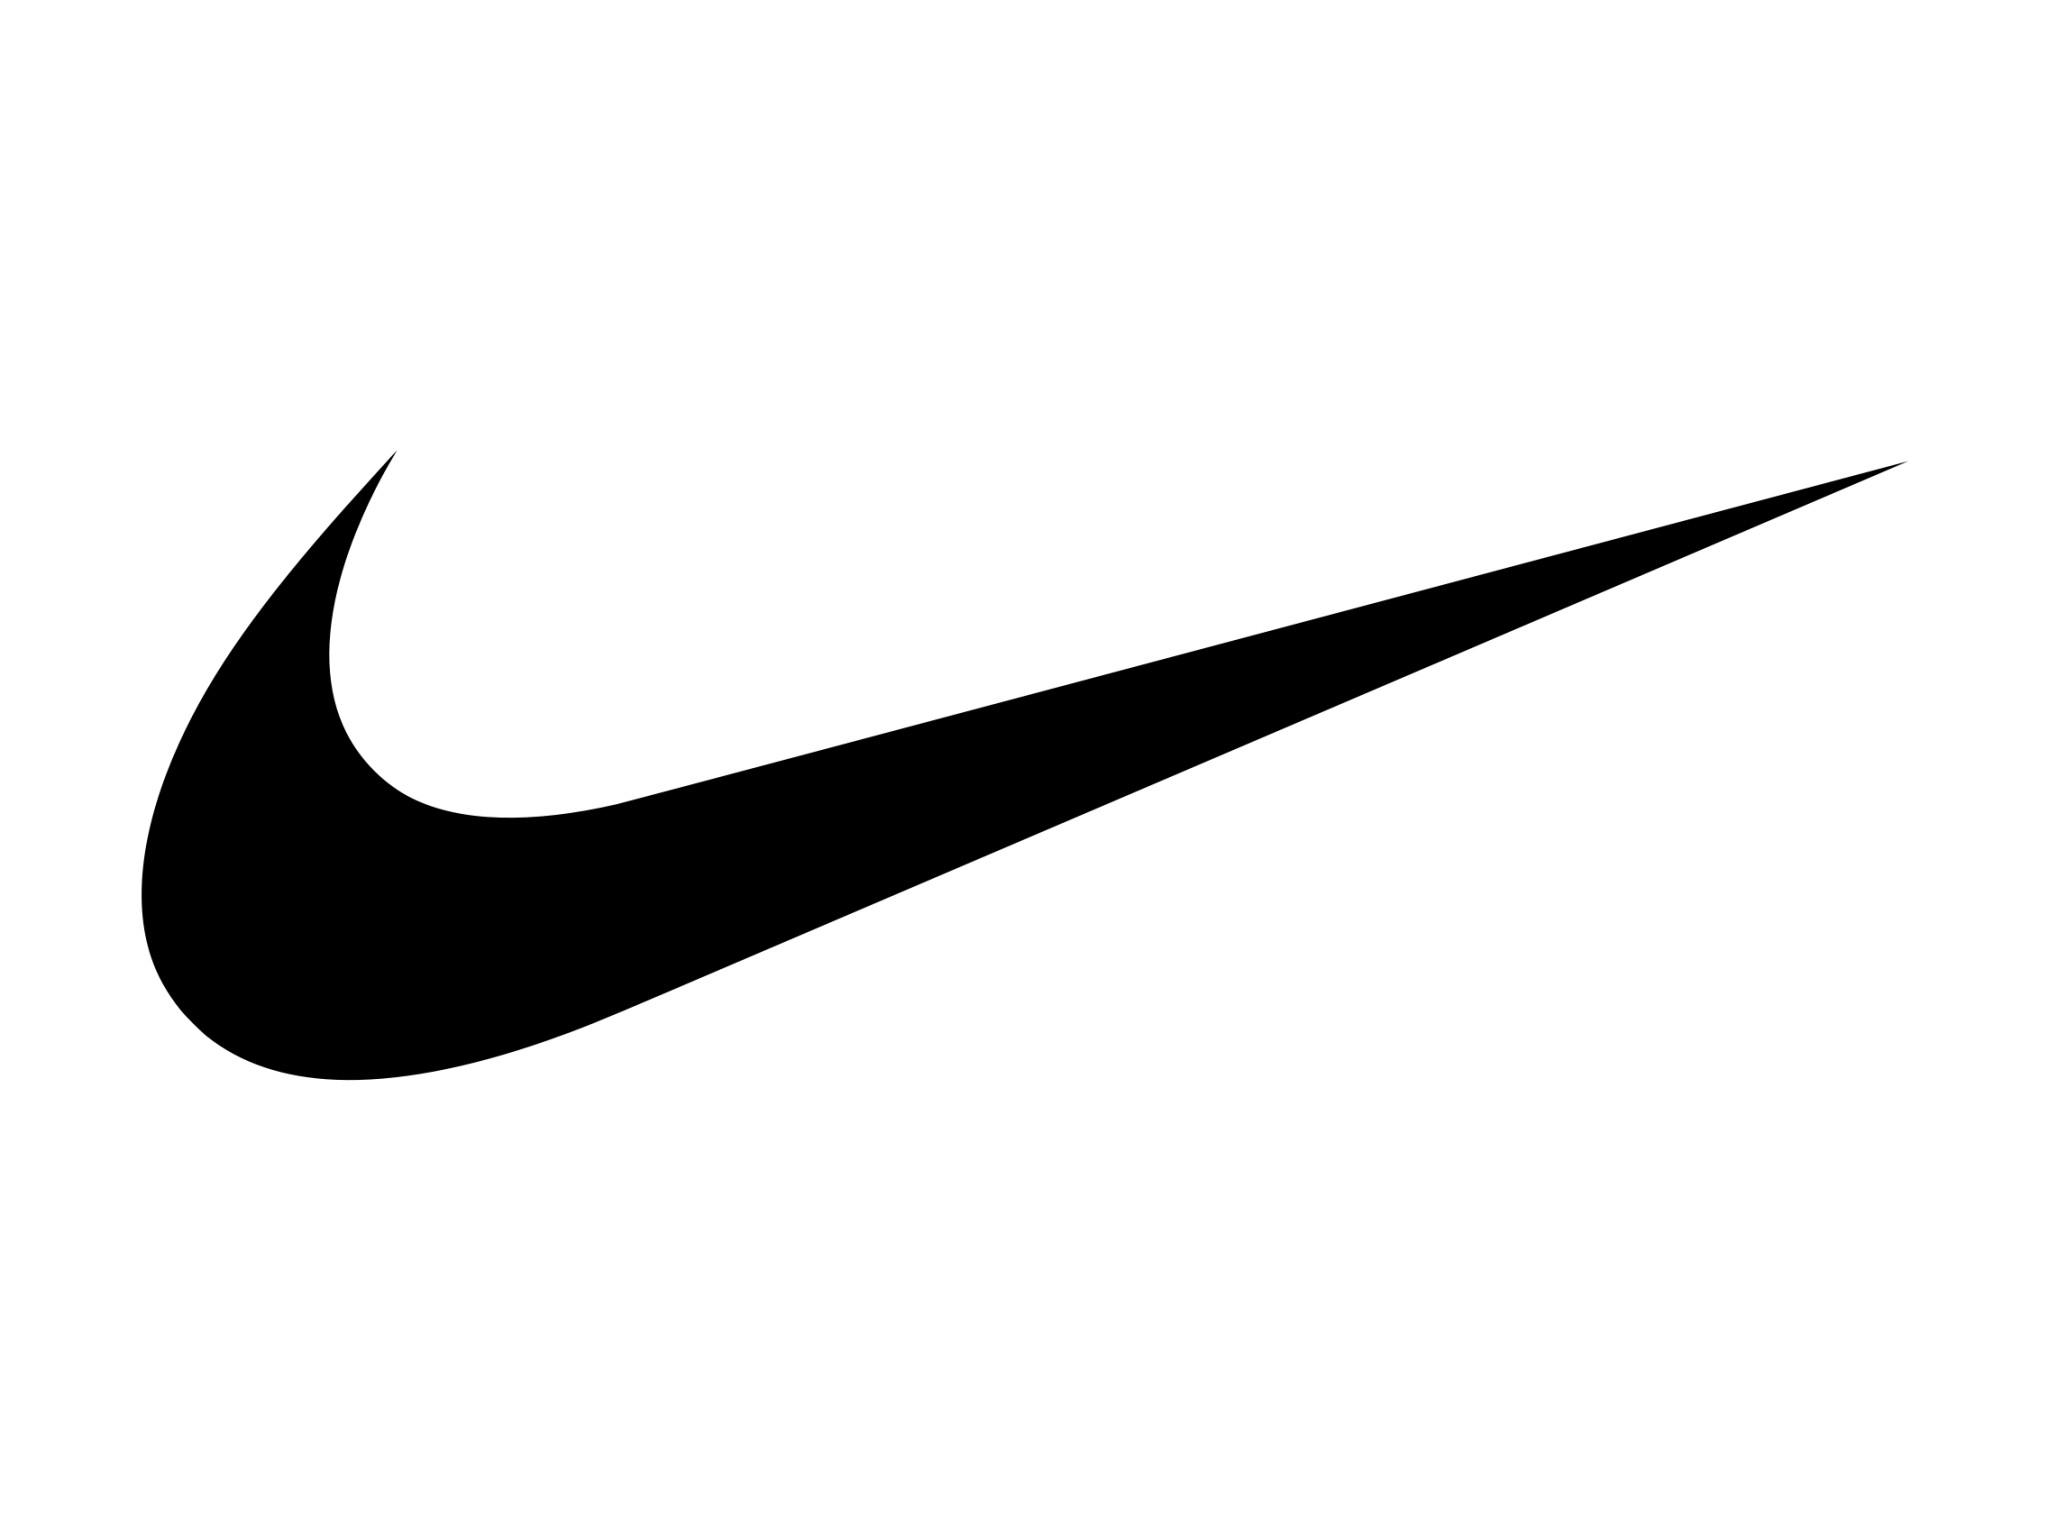 Nike Swoosh Wallpaper (56+ Images